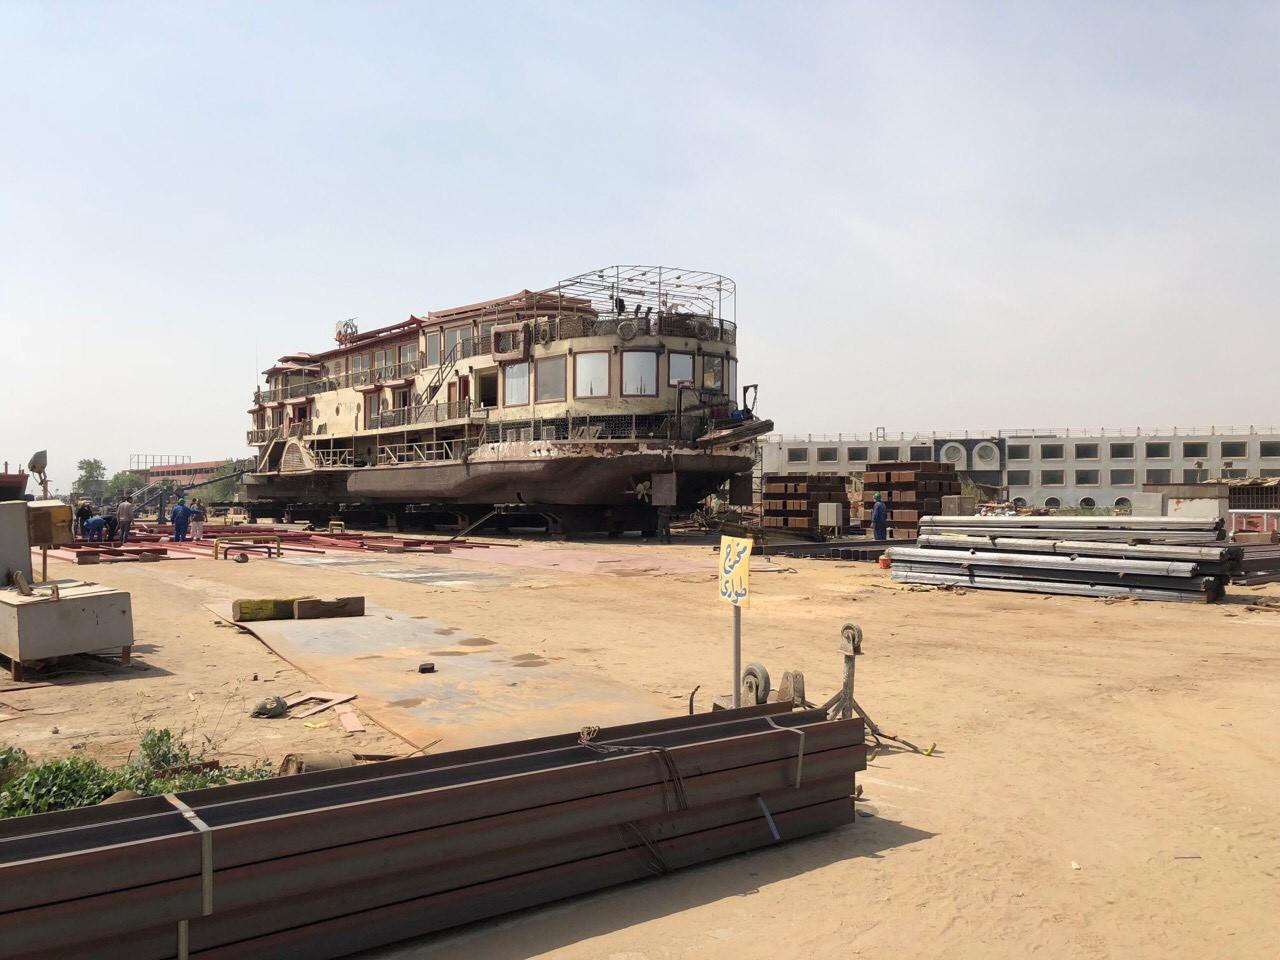 Старовинне судно початку минулого століття, яке сьогодні відновлюють на суднобудівно-судноремонтному заводі в Каїрі (Єгипет)